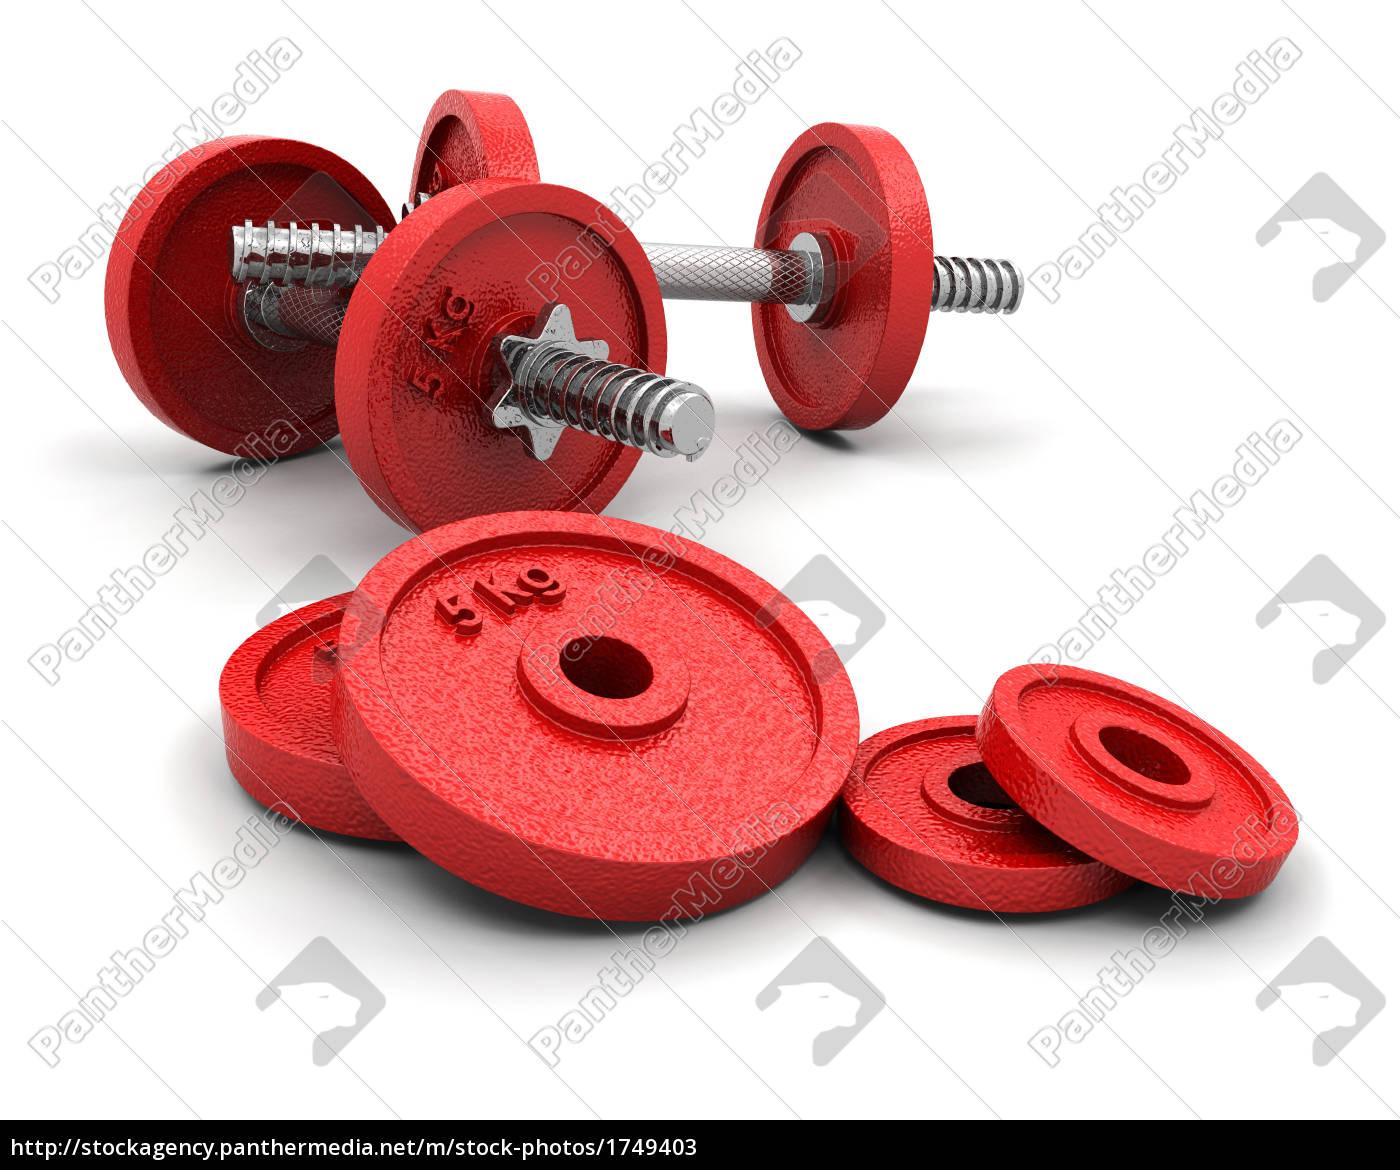 weights - 1749403